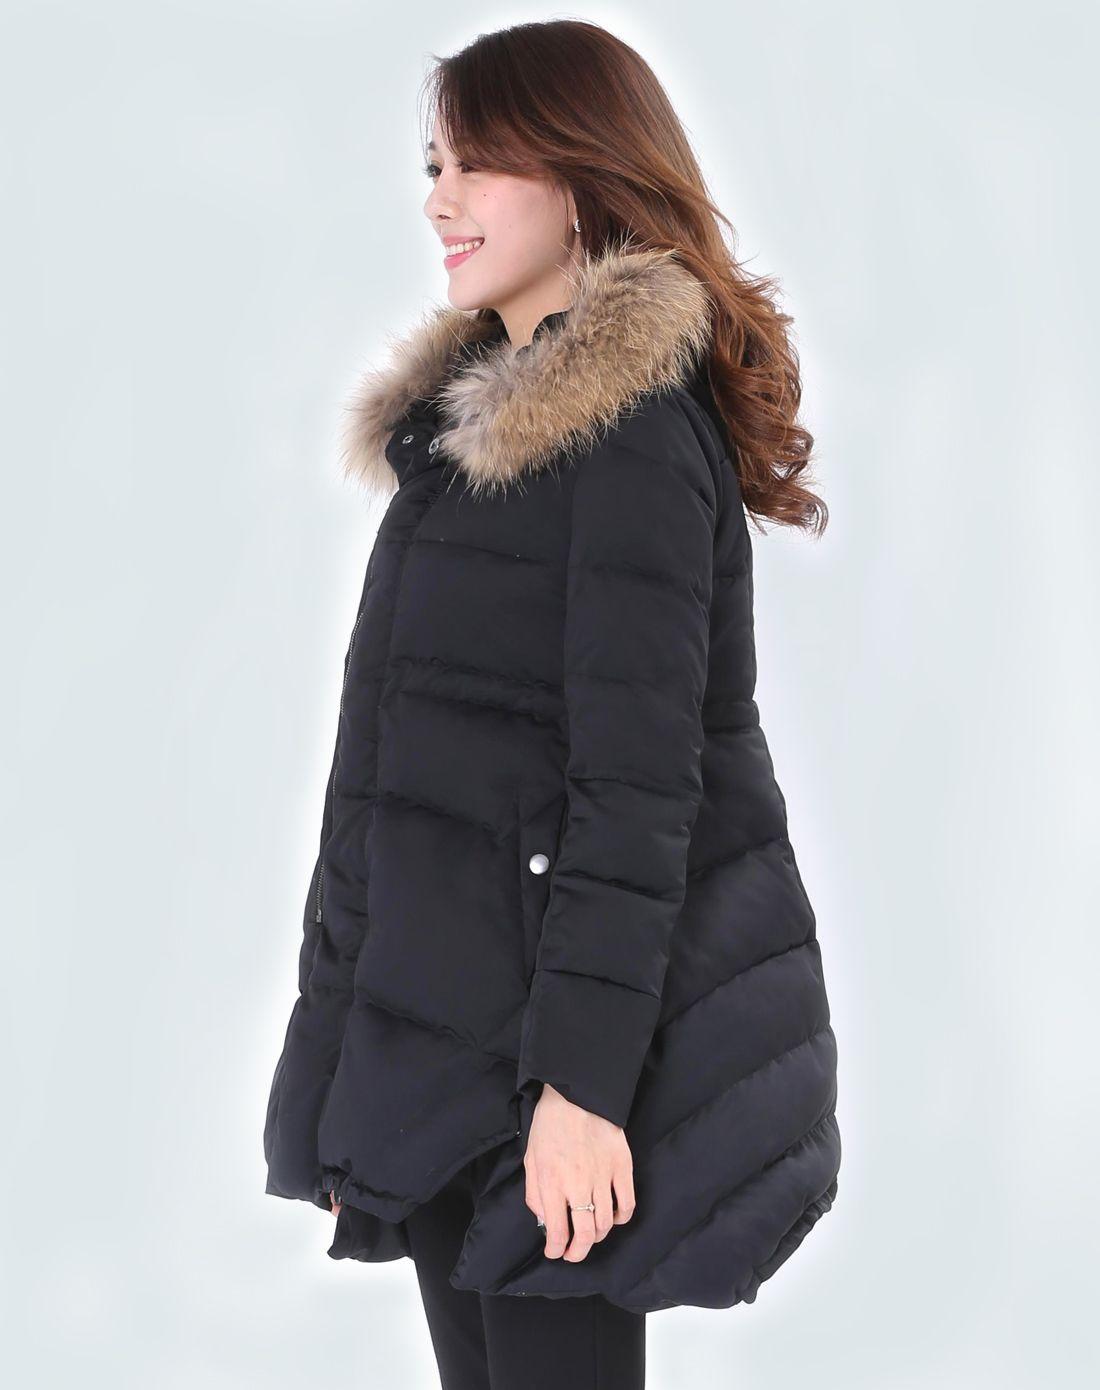 搭配 大衣 风衣 外套 羽绒服 1100_1390 竖版 竖屏